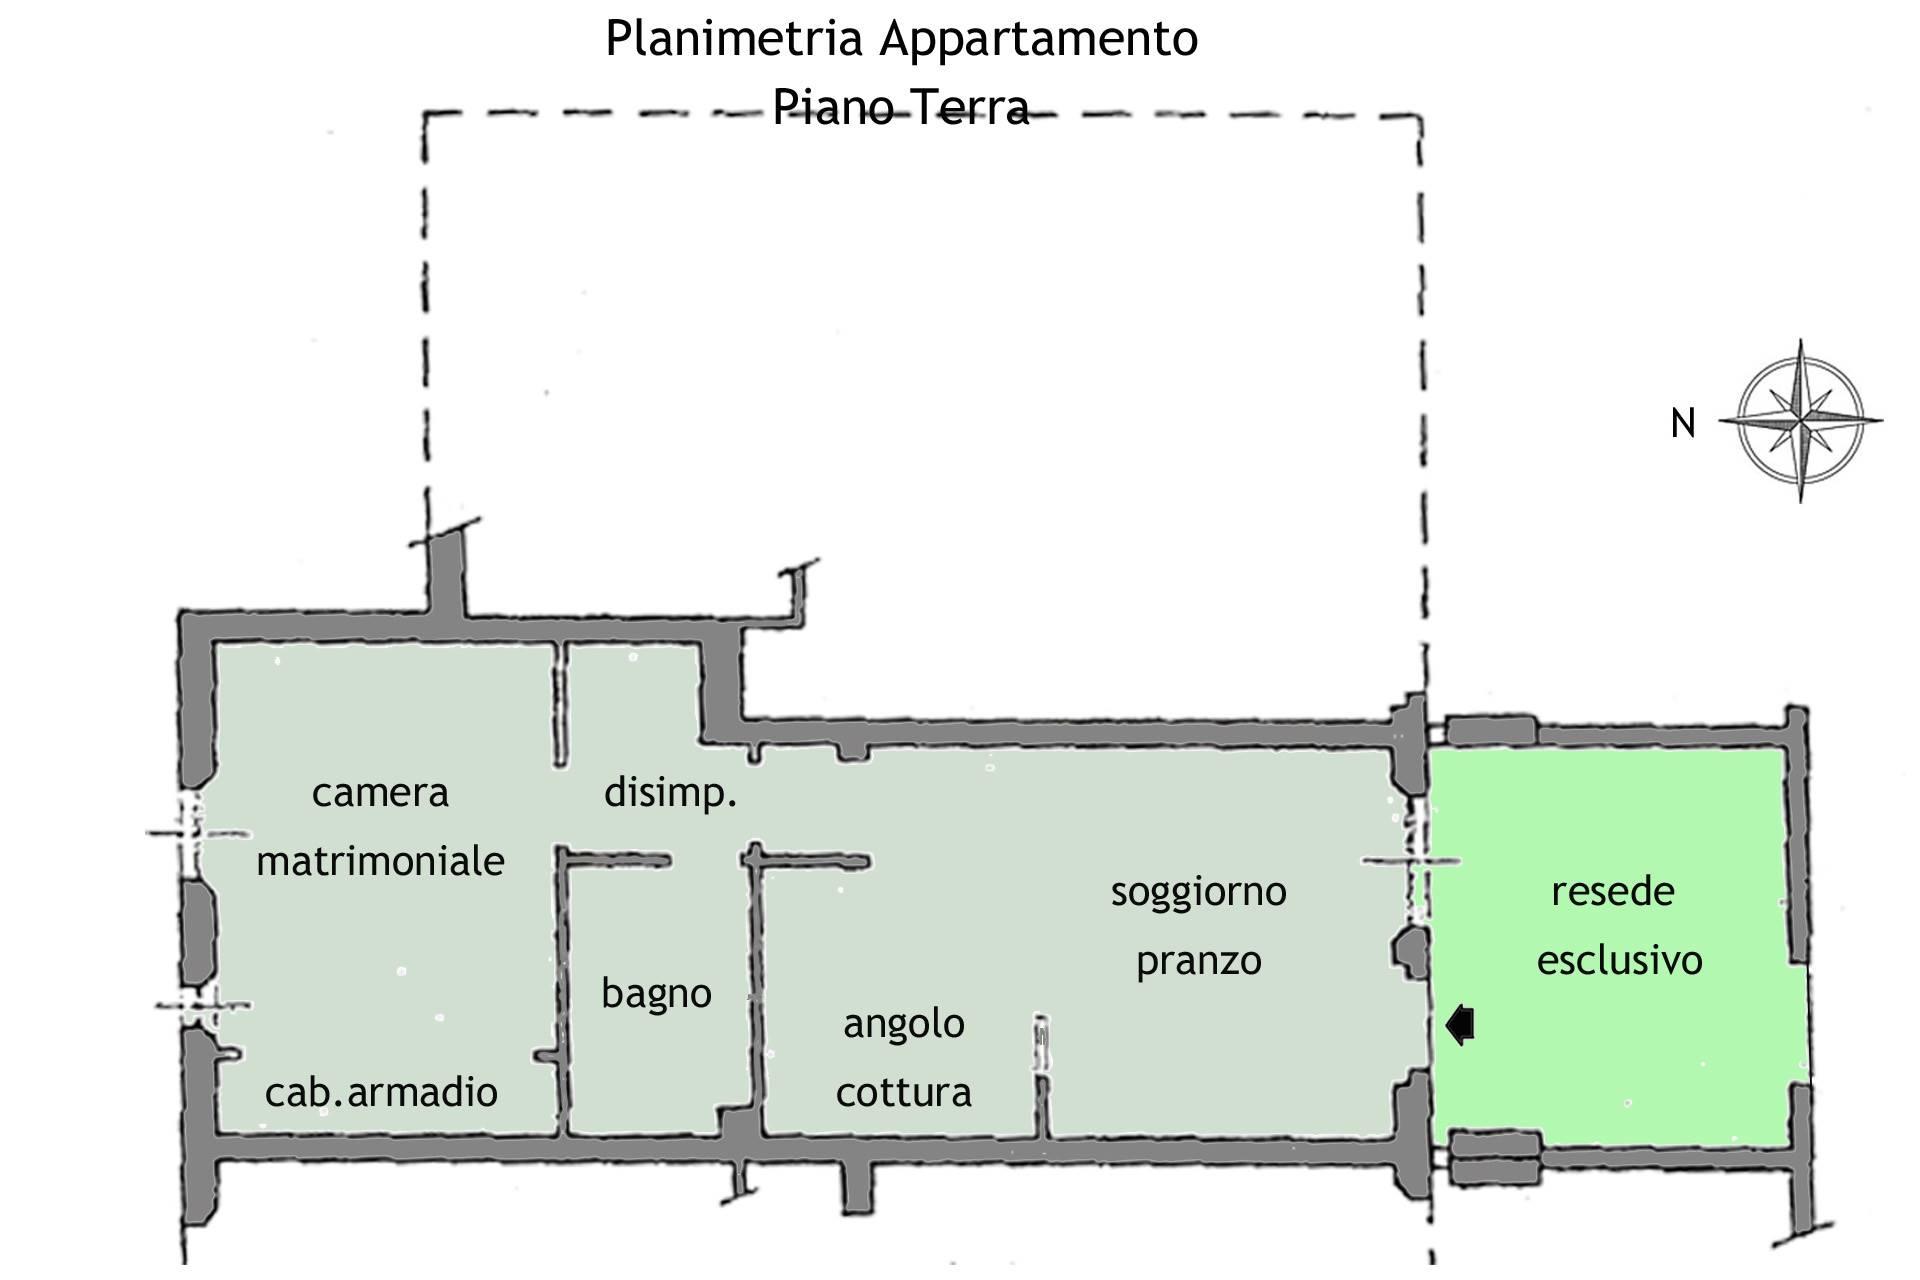 R94-planimetria appartamento